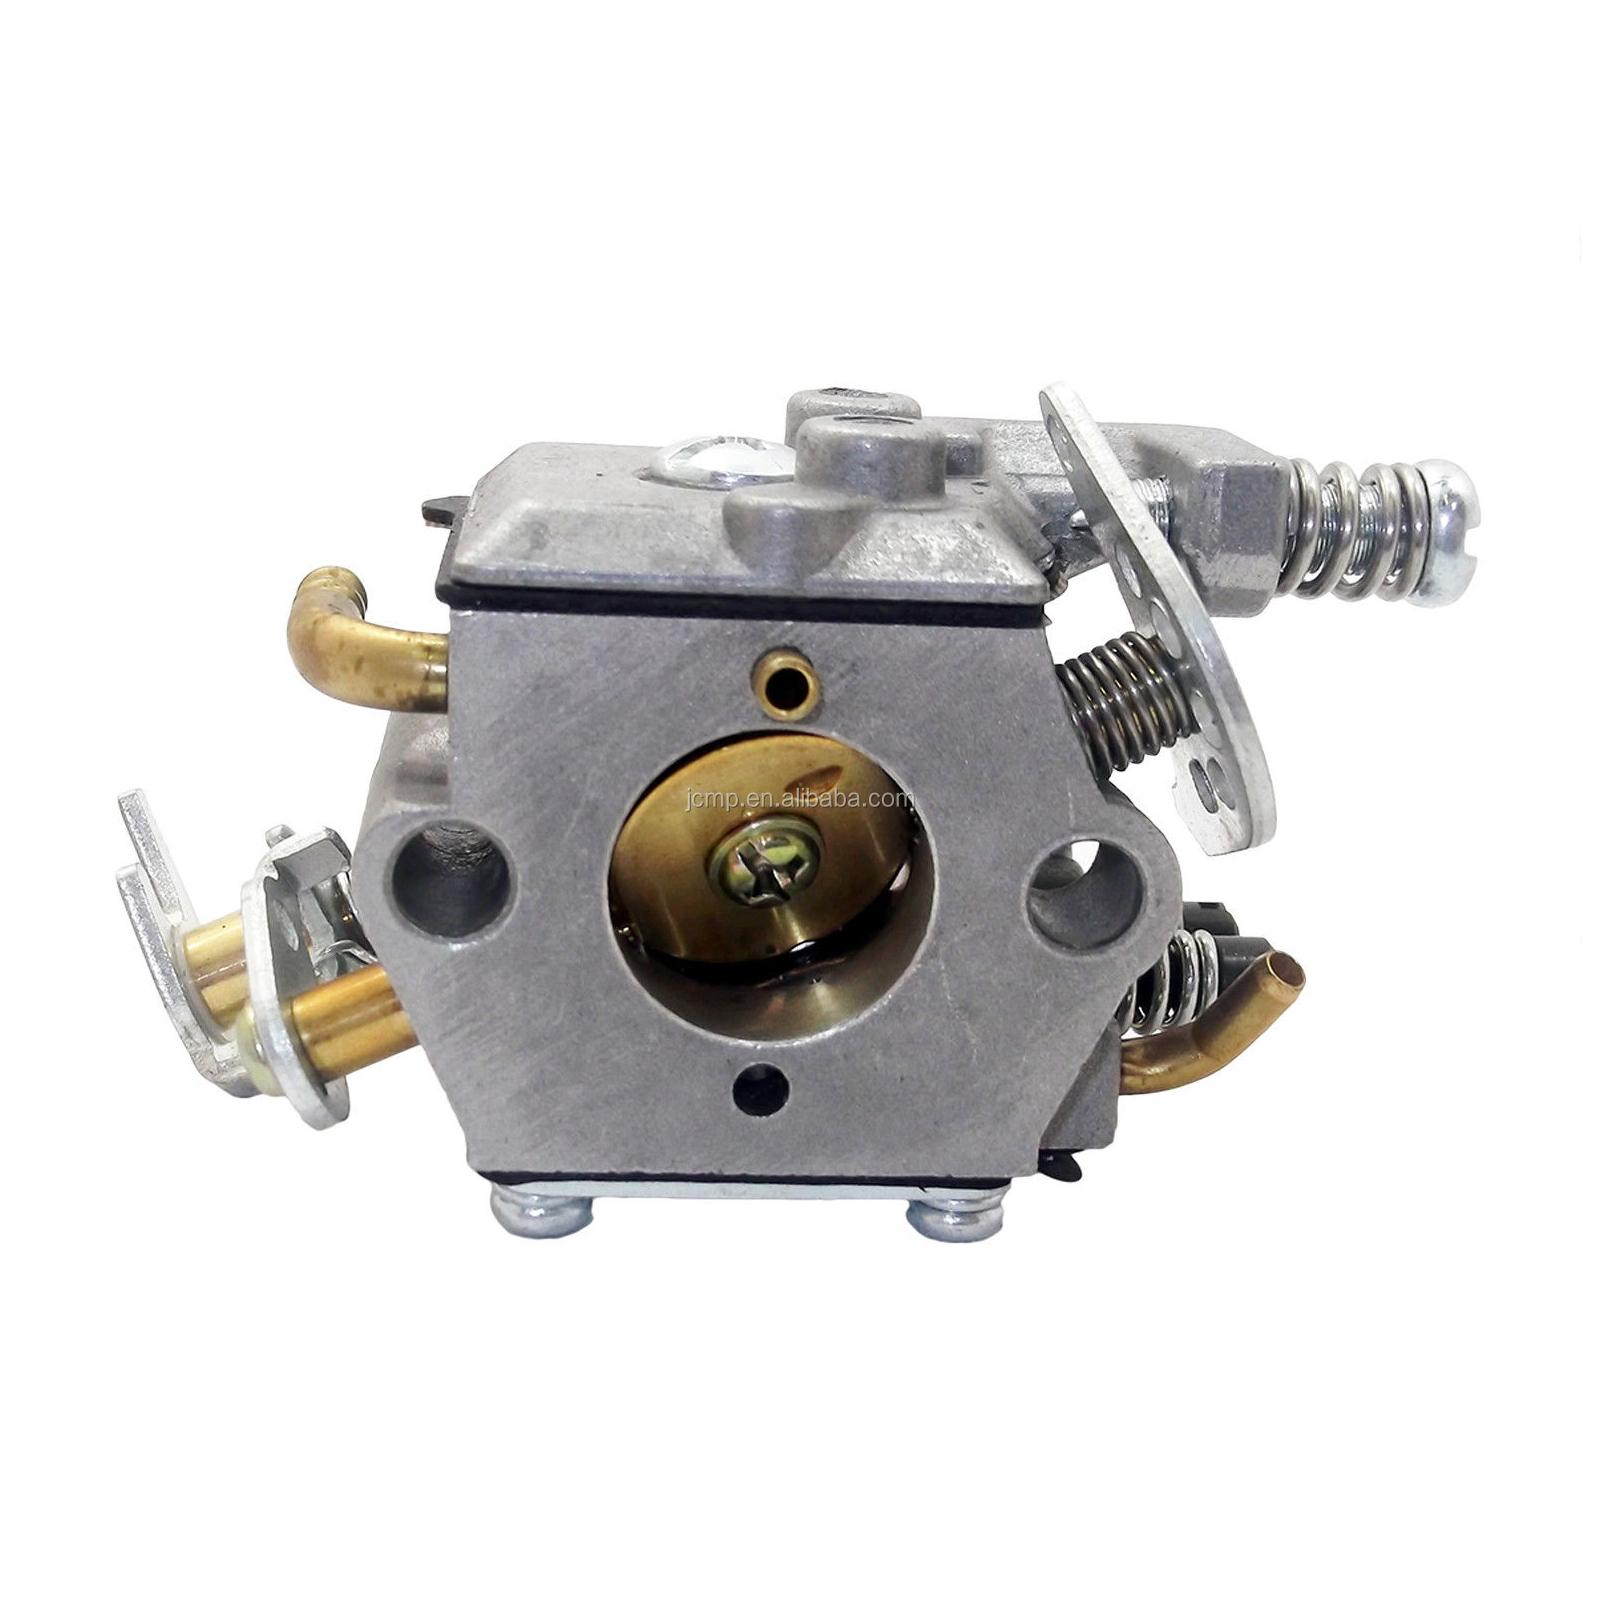 Carburetor Kit 545081855 For Mac